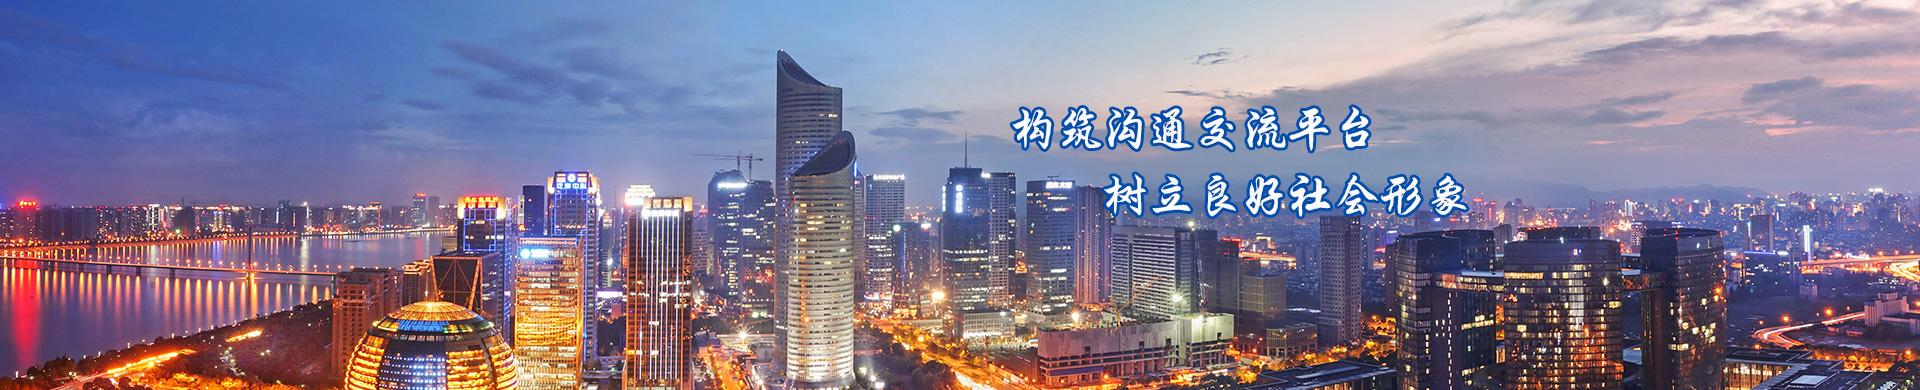 龙岩市物业管理协会